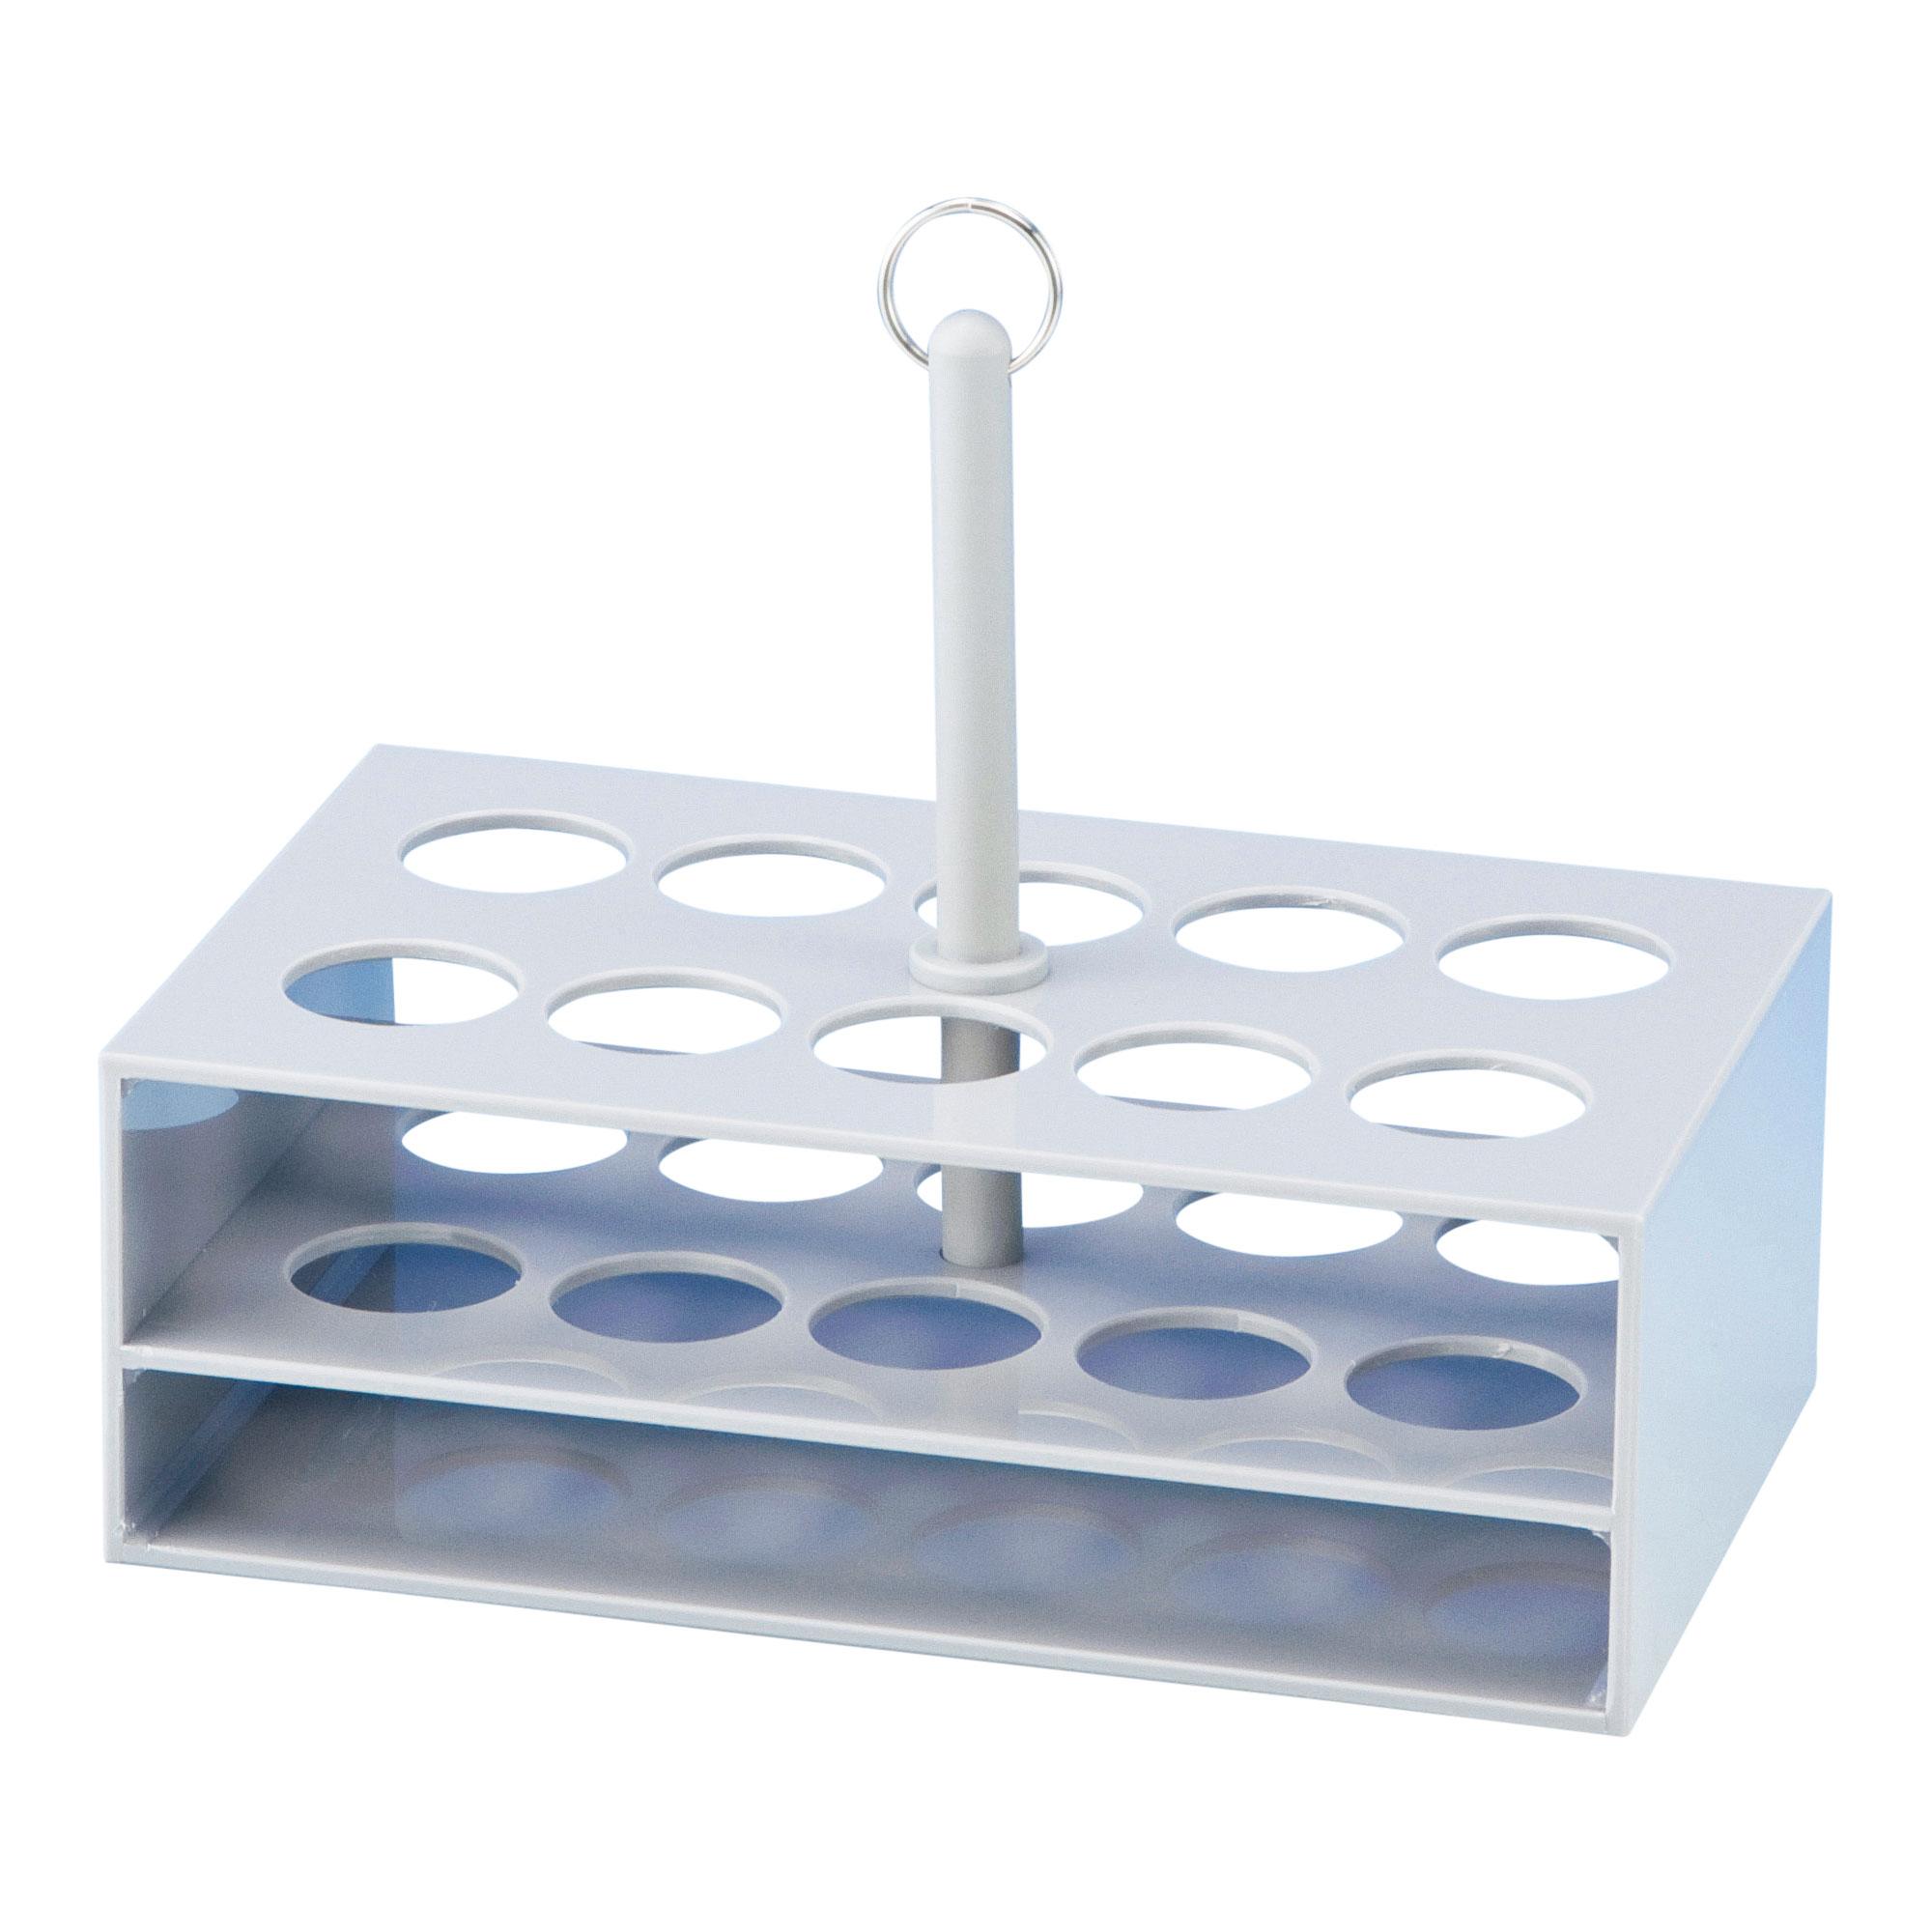 液体捕集器具用 スタンド(SPCミゼットインピンジャー、バブラー兼用)